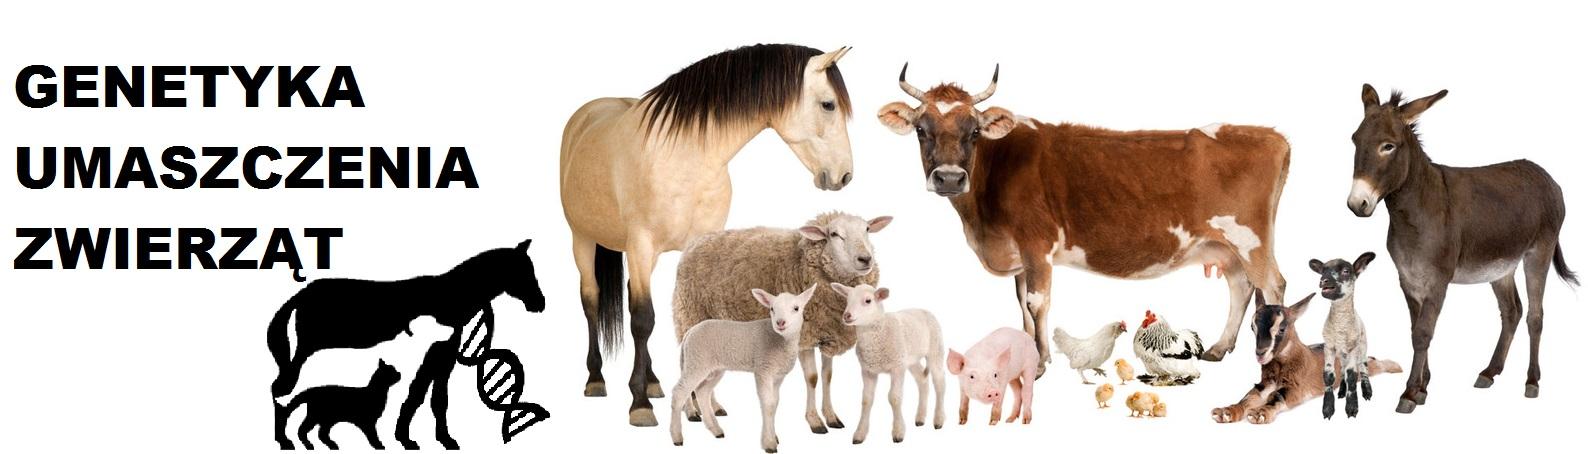 Genetyka Umaszczenia Zwierząt